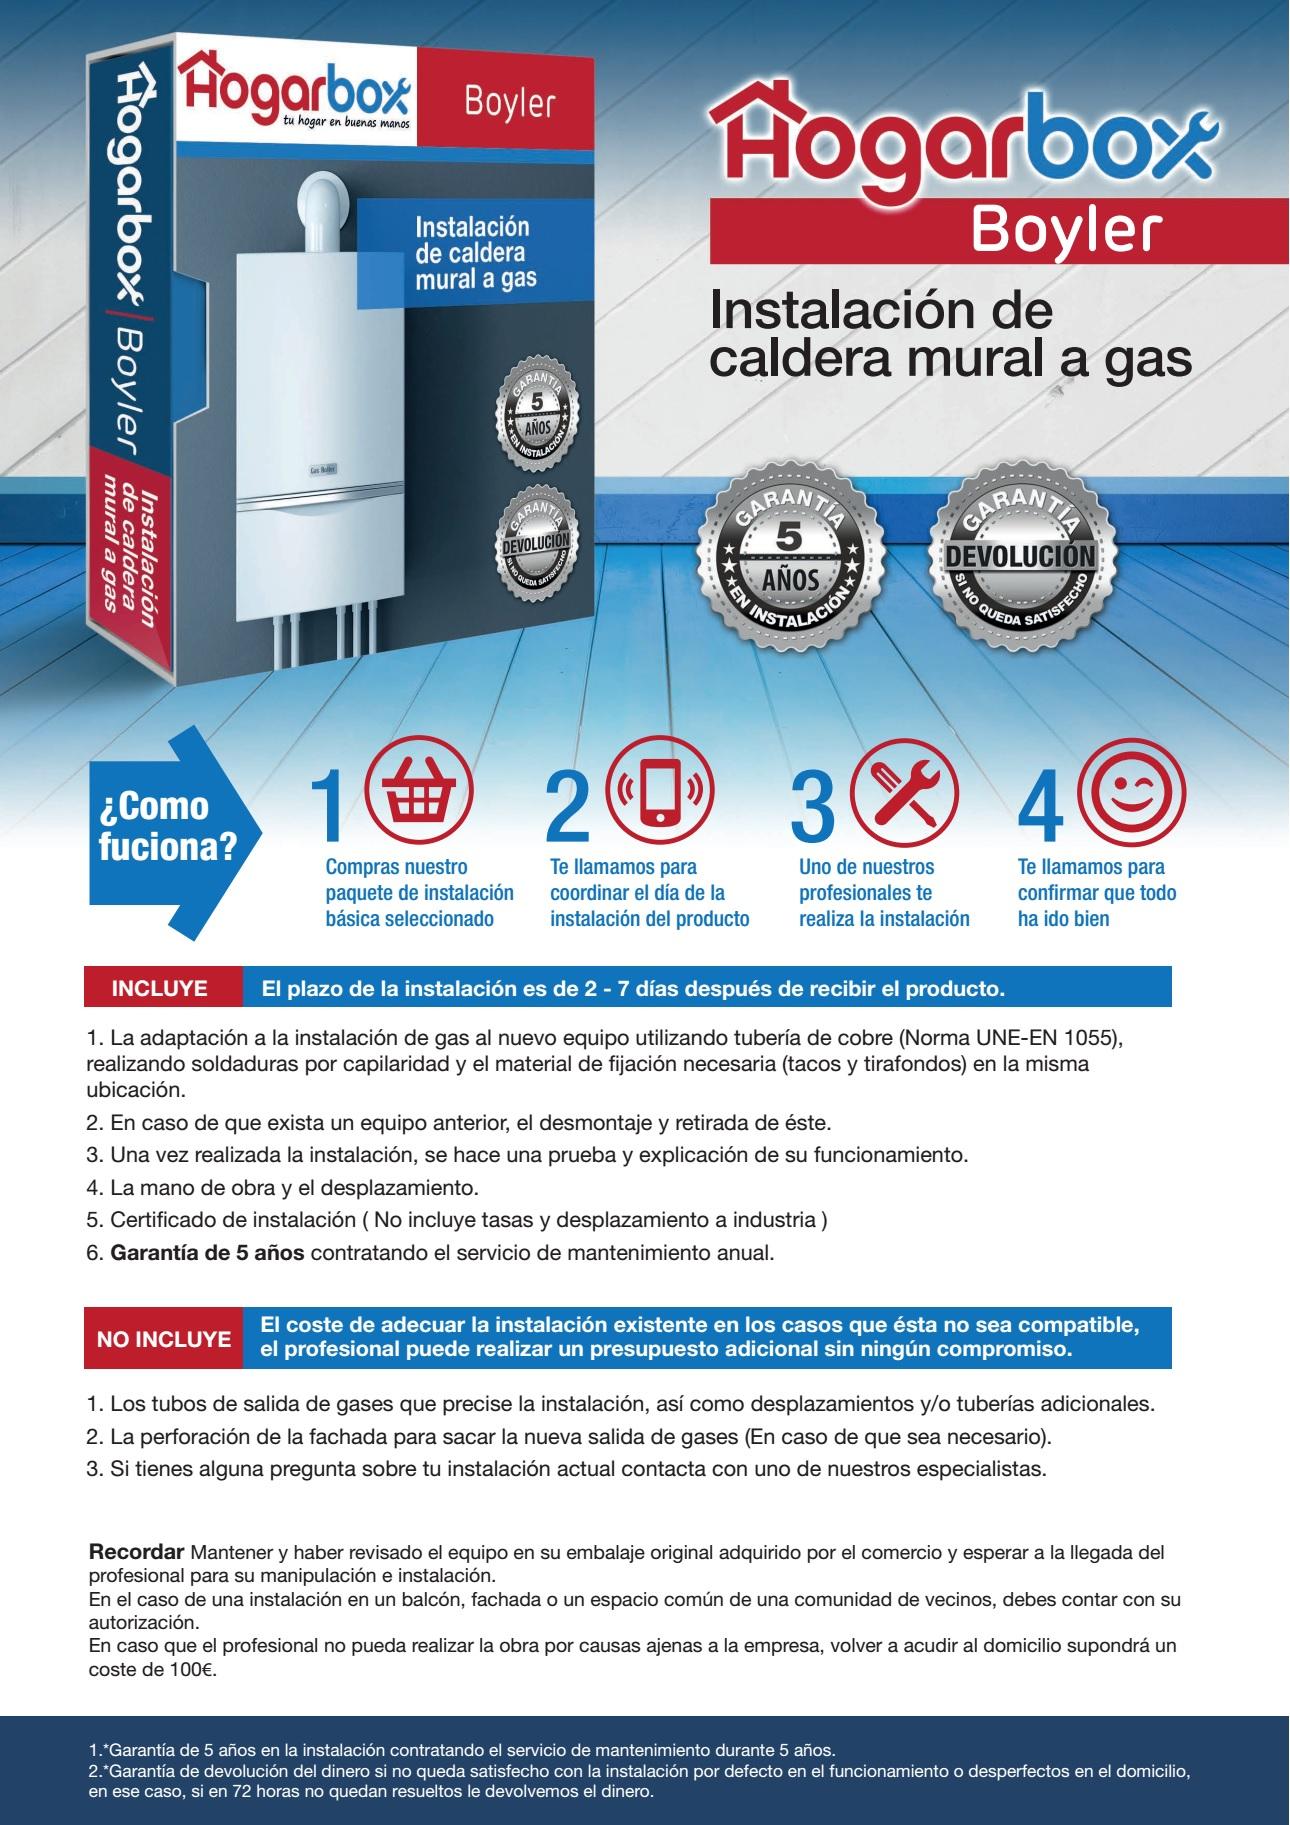 Hogarbox boyler instalaci n caldera a gas condensaci n - Precio de calderas de gas ...